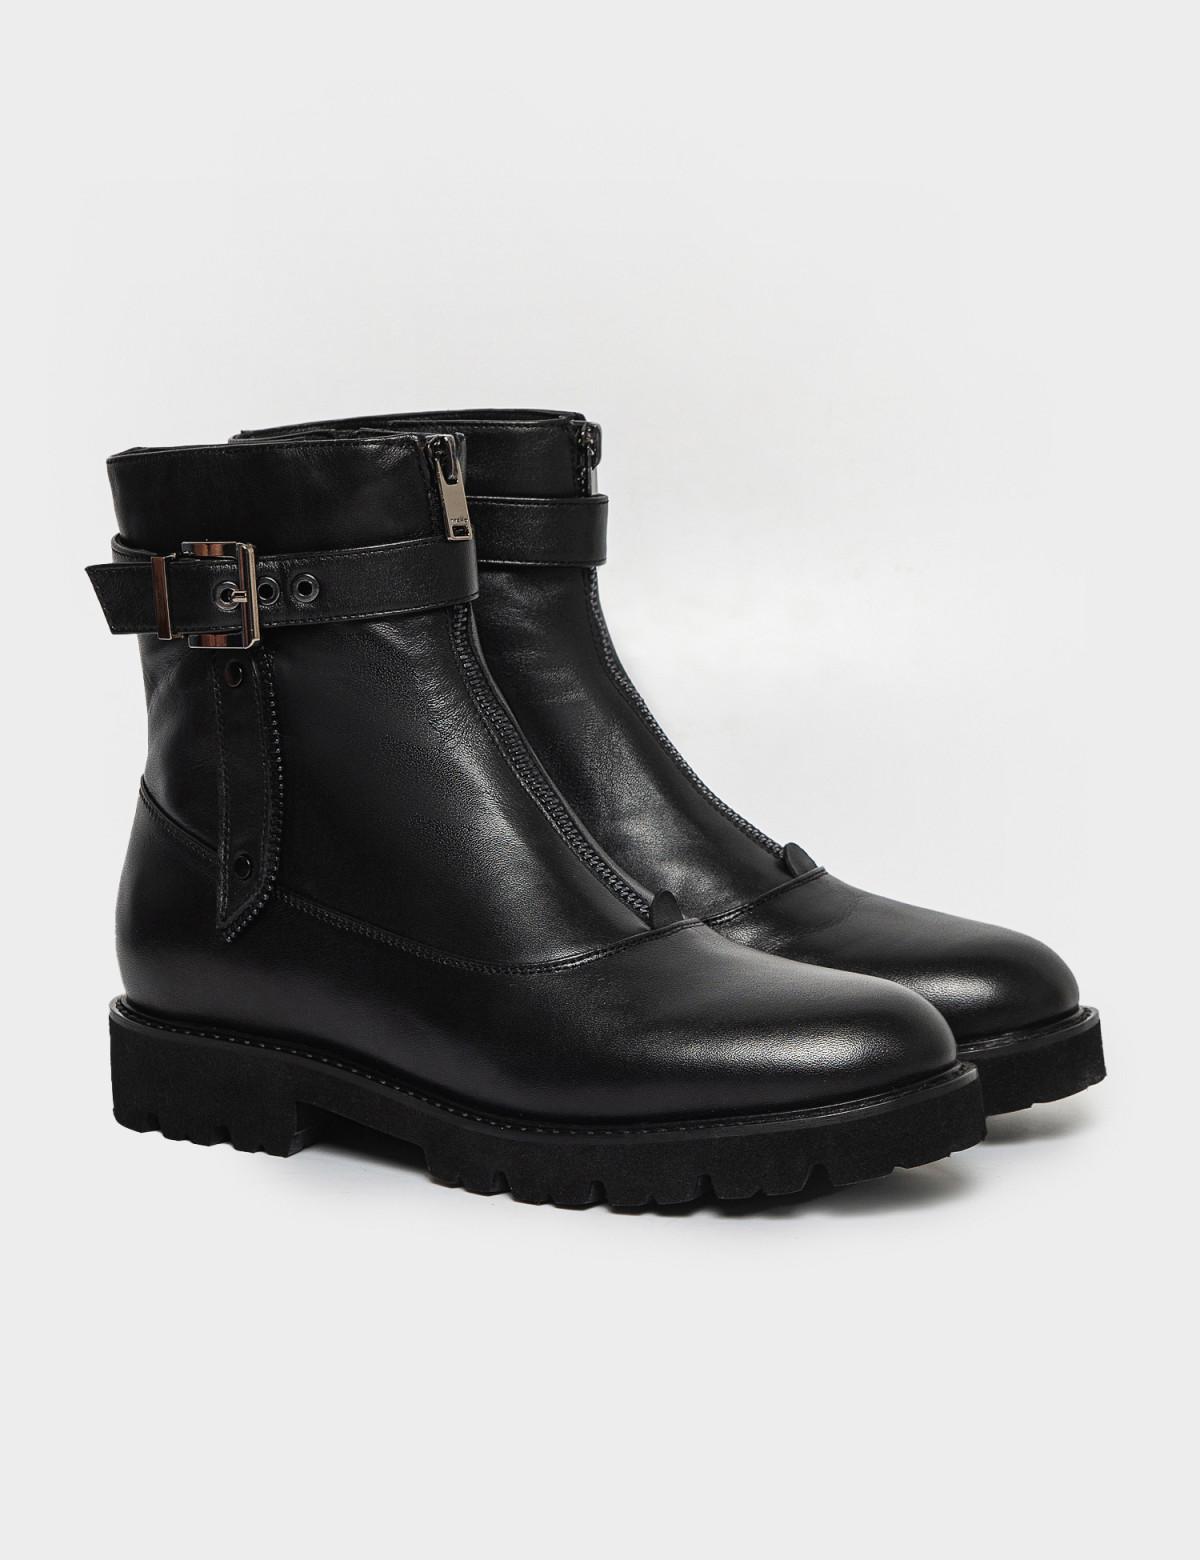 Ботинки черные. Натуральная кожа. Байка1